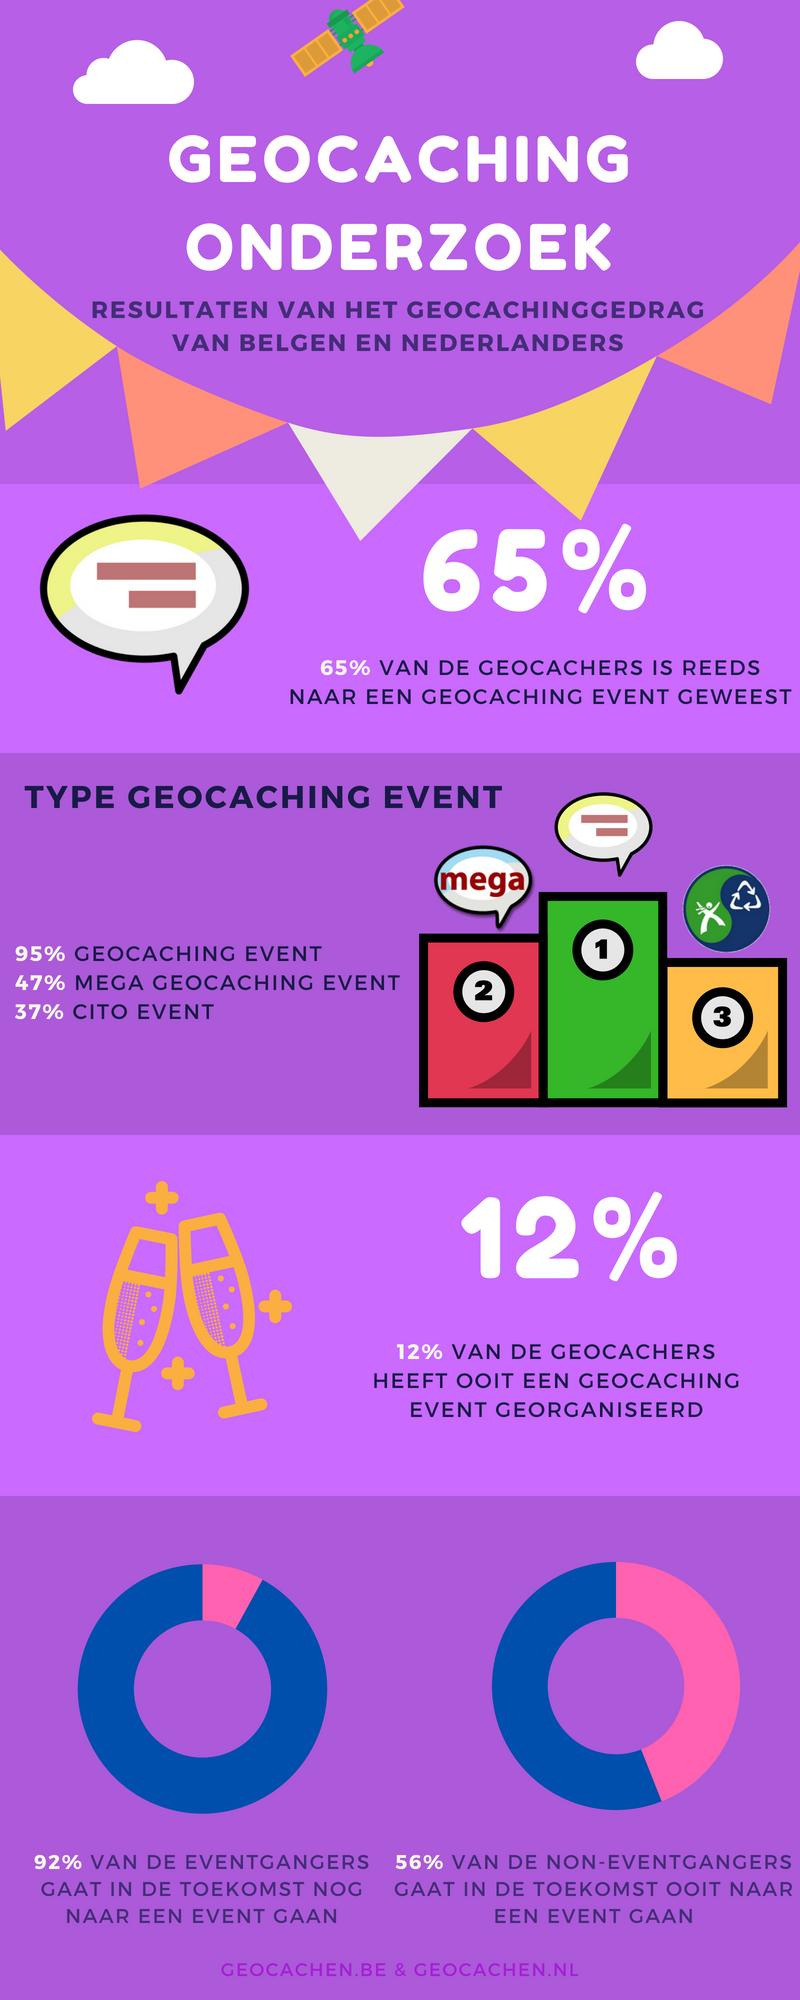 Geocaching onderzoek 2018 - deel 4